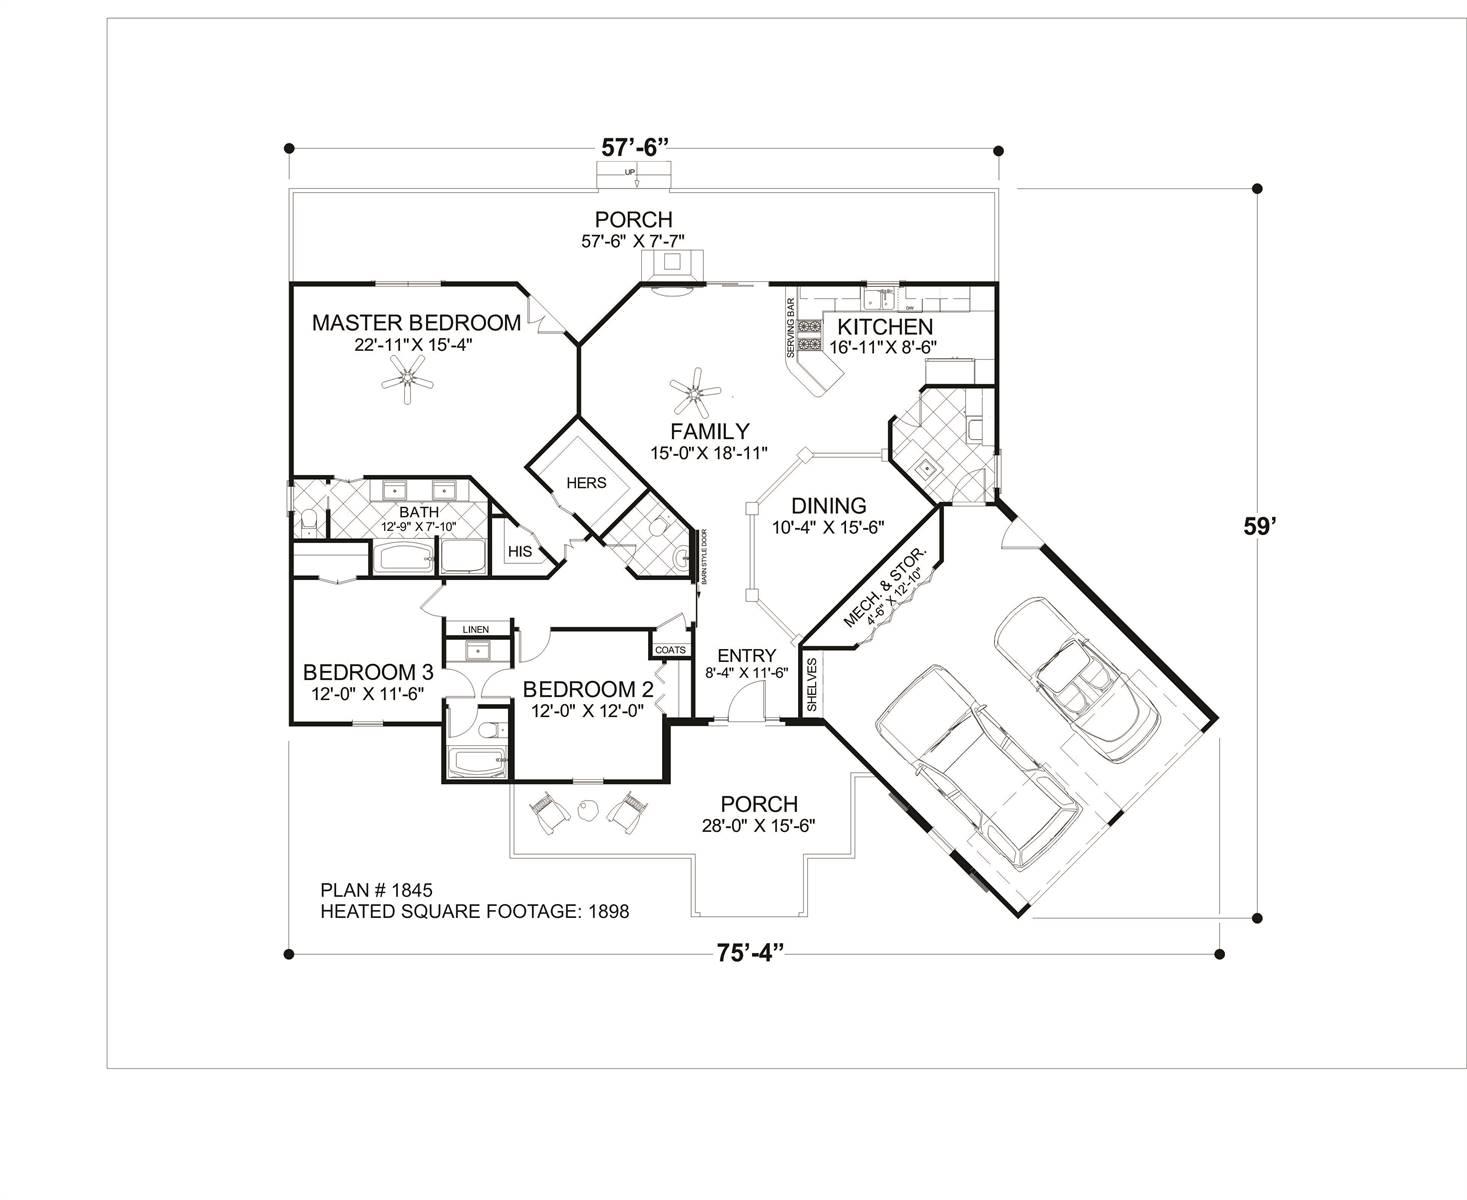 Main Level Floor Plan image of Cobblestone Glen House Plan